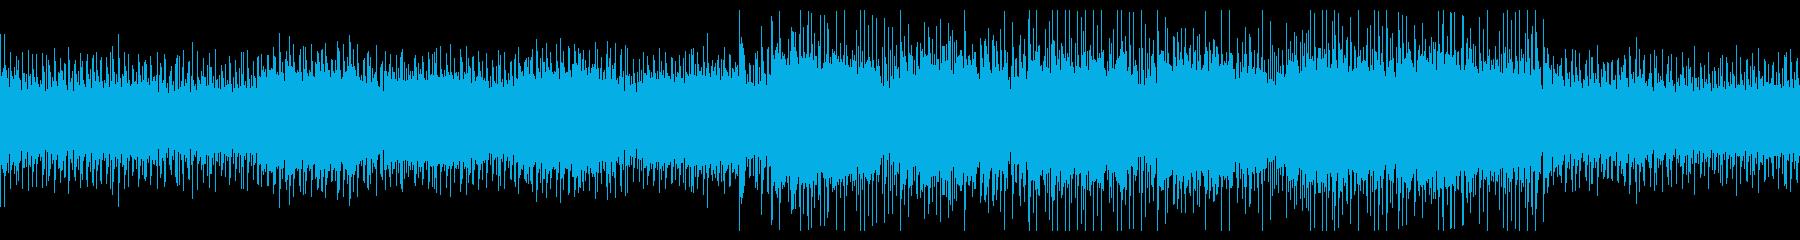 無機質・人工的・電脳的なエレクトロBGMの再生済みの波形